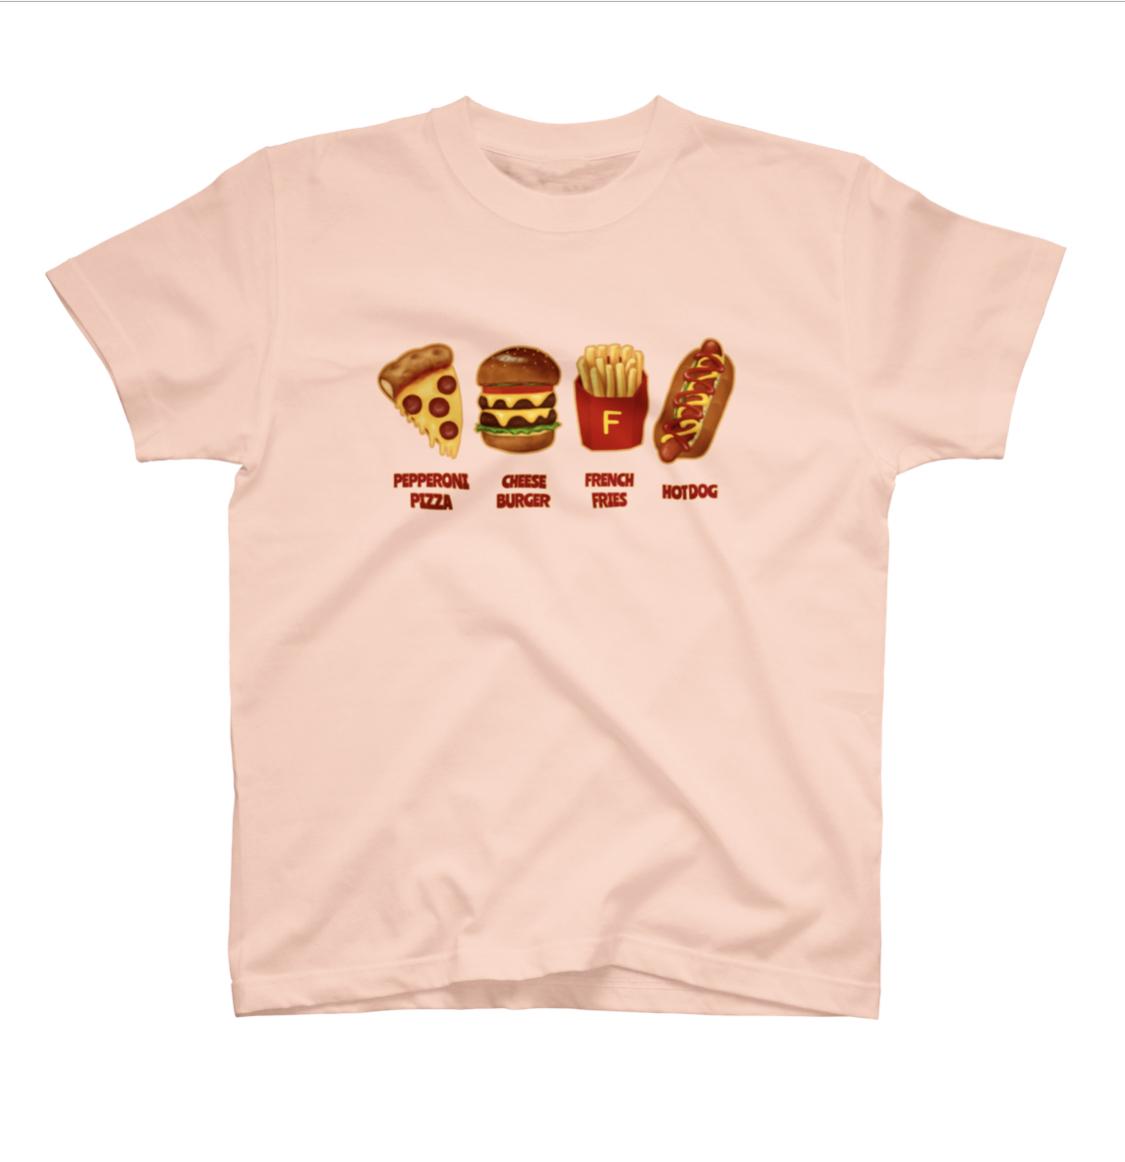 食べ物・飲み物のTシャツ